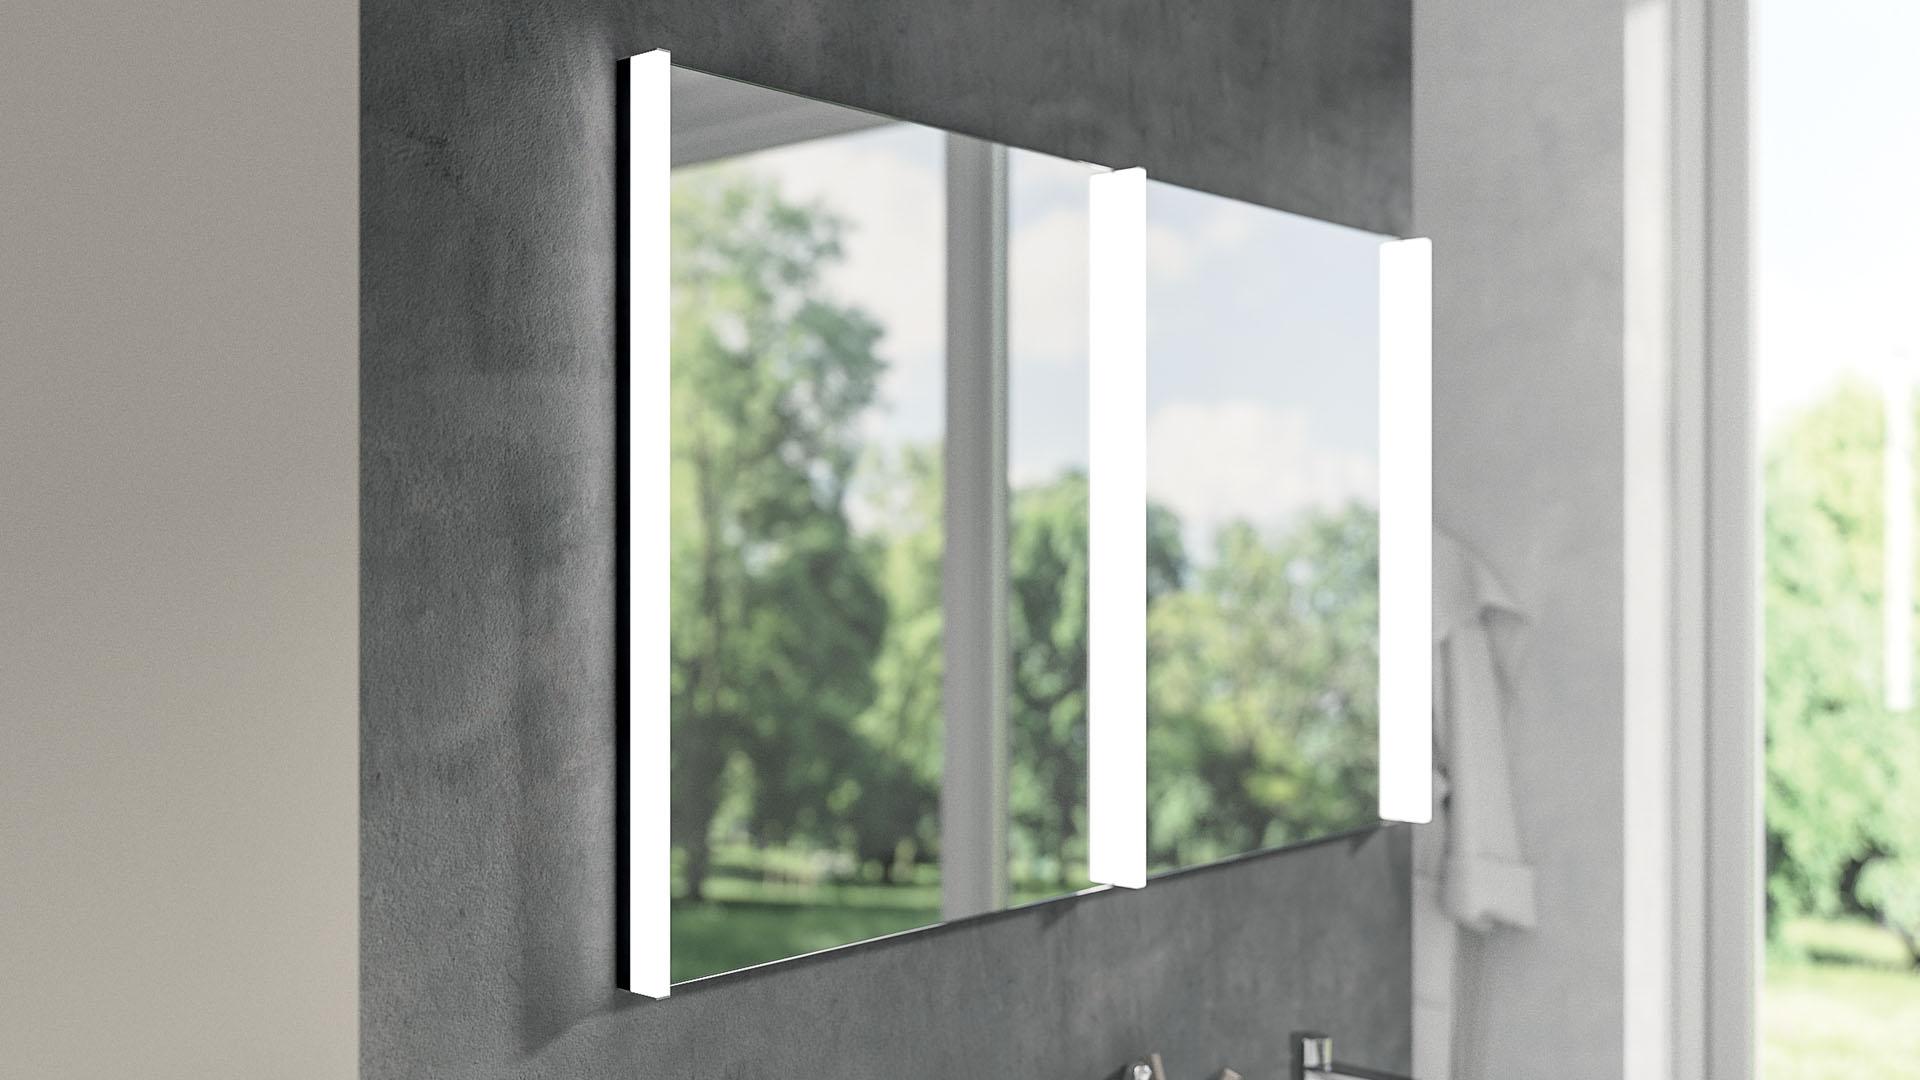 Come scegliere e posizionare lo specchio per il bagno: consigli pratici per ogni esigenza